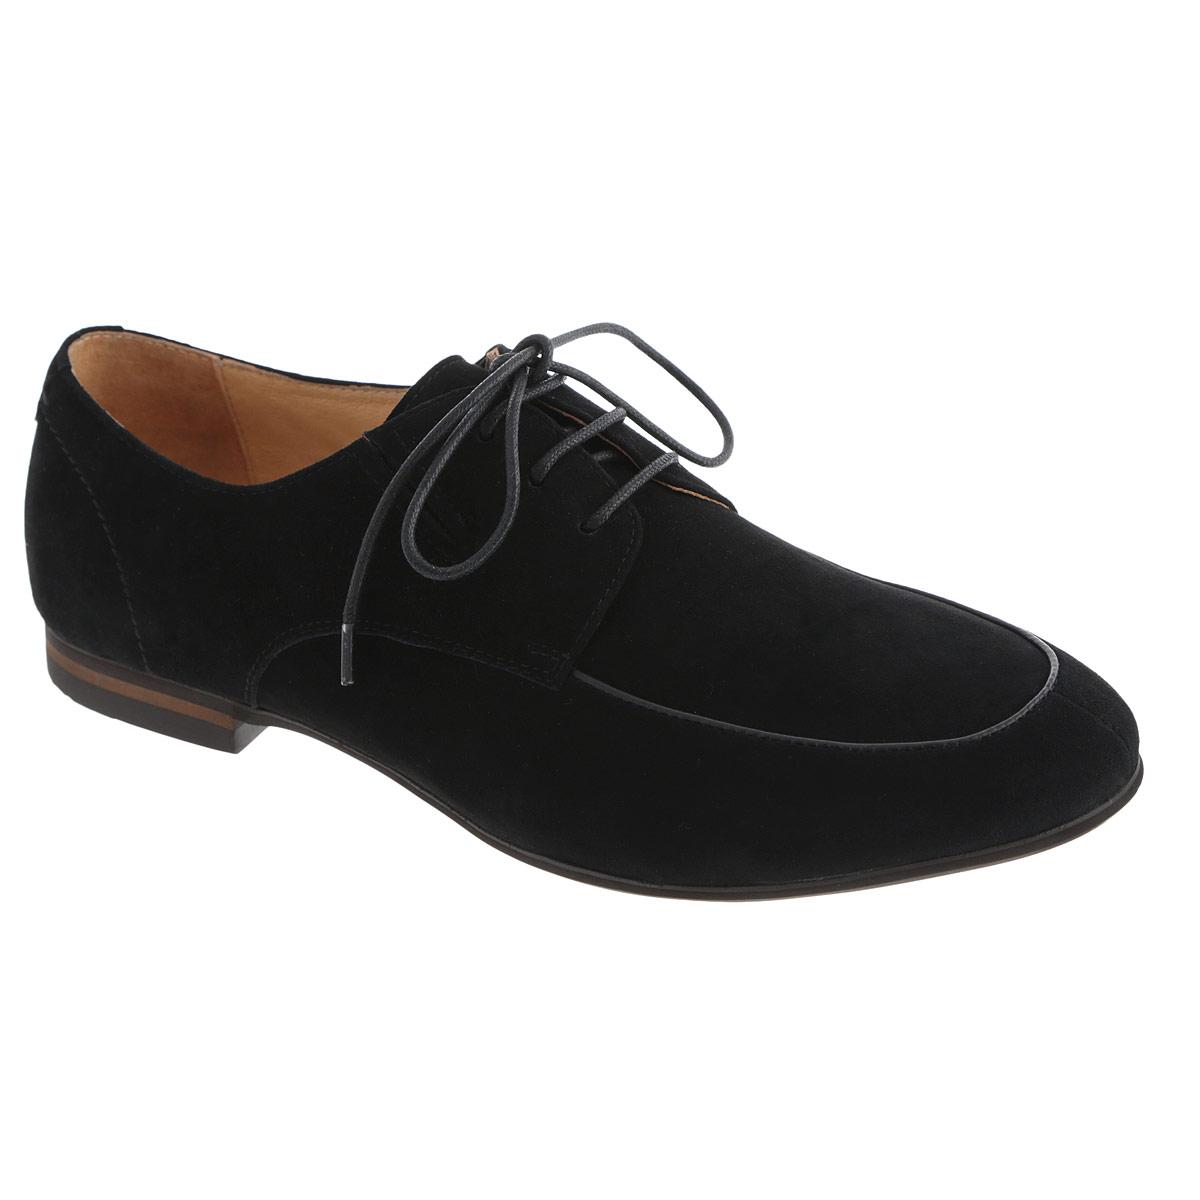 Туфли мужские. M13571M13571Изысканные мужские туфли Vitacci отлично дополнят ваш деловой образ. Модель выполнена из натуральной замши и оформлена крупными декоративными стежками на заднике. Шнуровка надежно закрепит модель на ноге. Резинки, расположенные на подъеме, гарантируют оптимальную посадку модели на ноге. Стелька из натуральной кожи комфортна при движении. Низкий каблук и подошва с рифлением обеспечивают отличное сцепление с поверхностью. Стильные туфли займут достойное место среди вашей коллекции обуви.